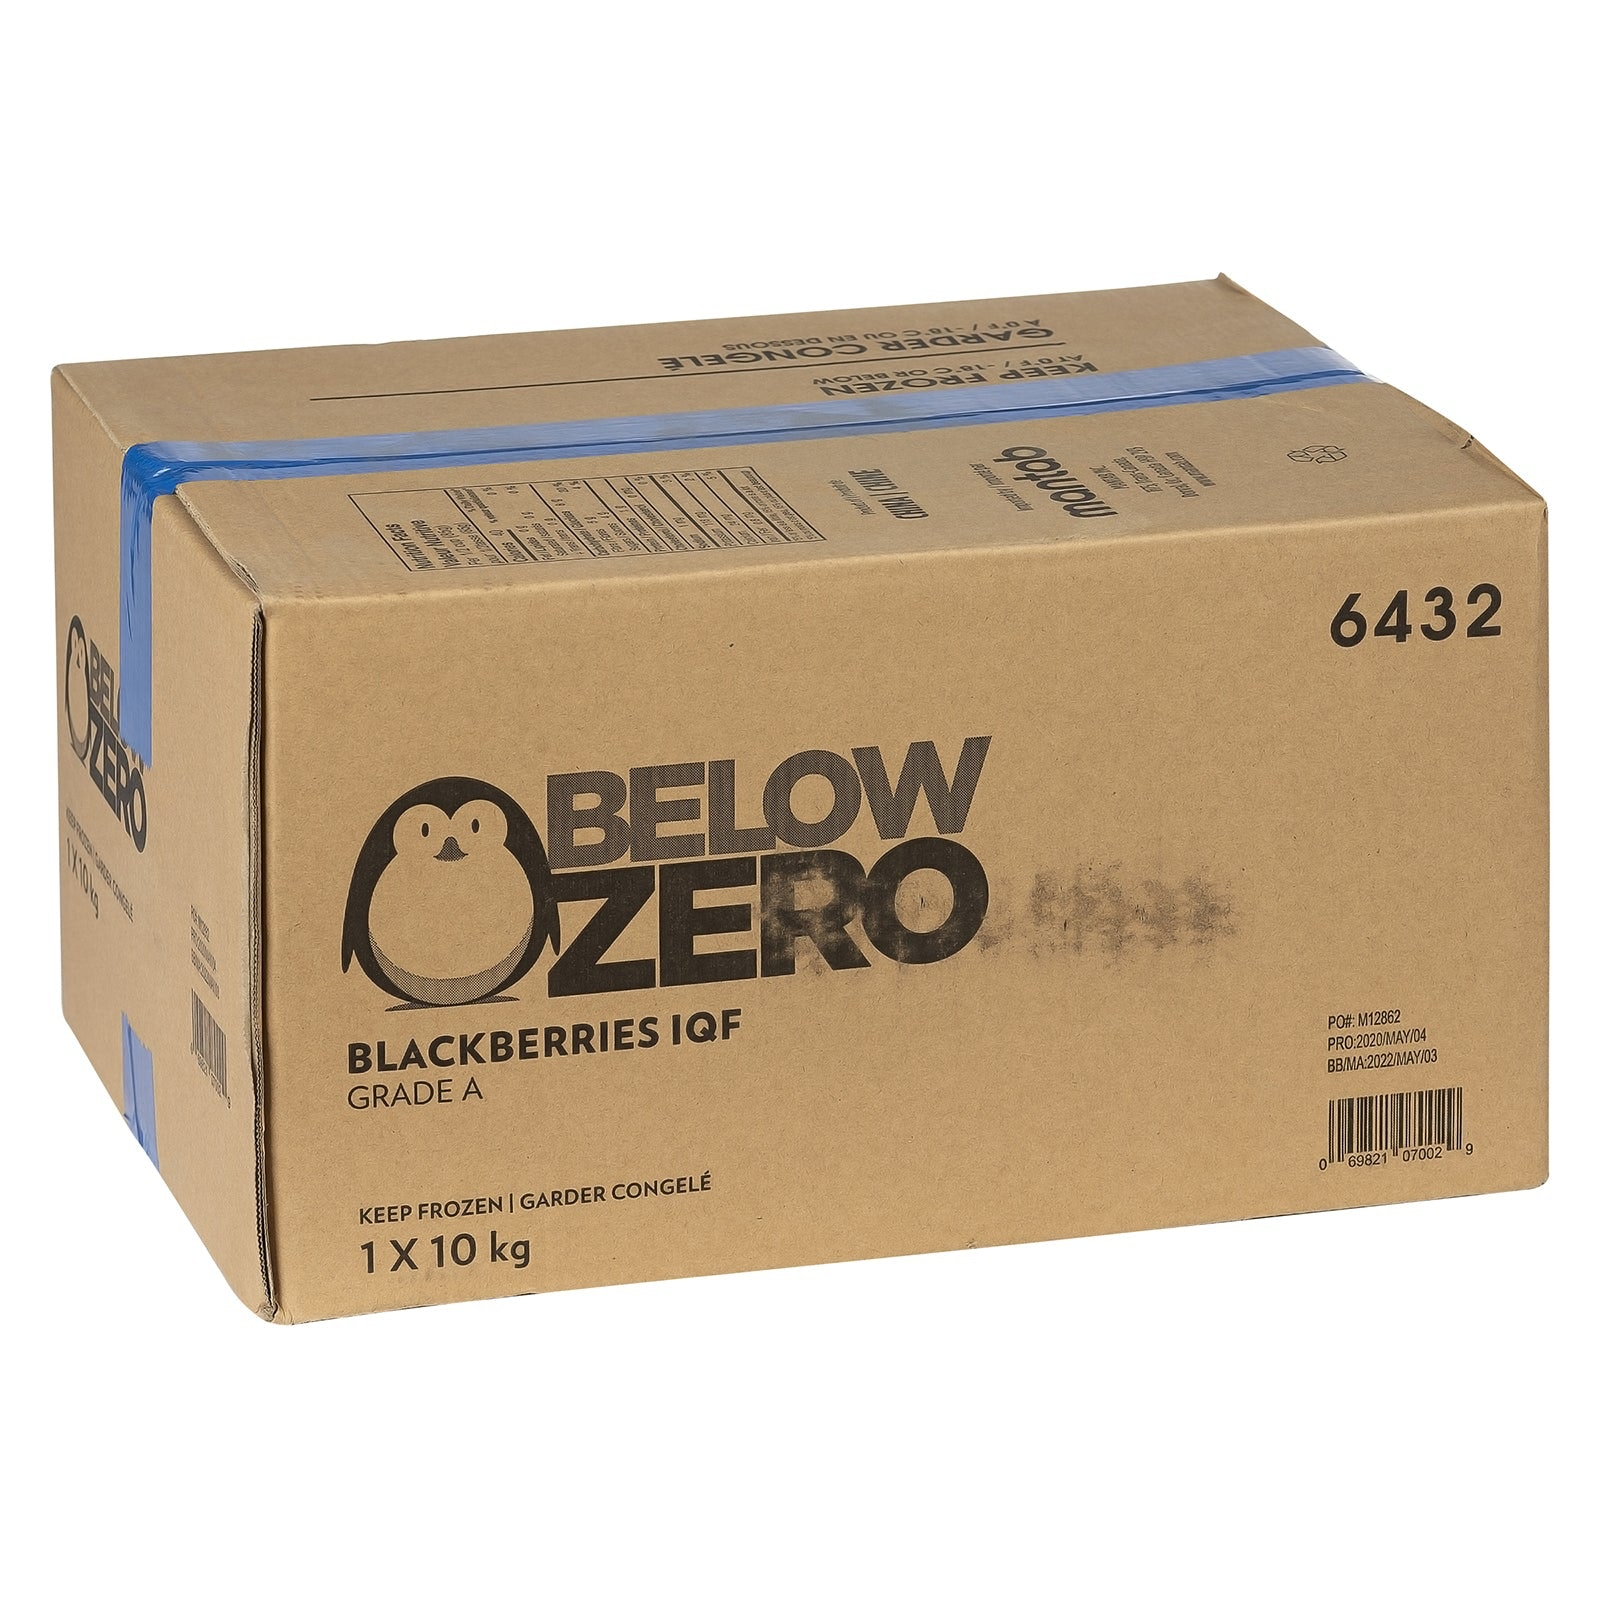 BELOW ZERO Blackberries